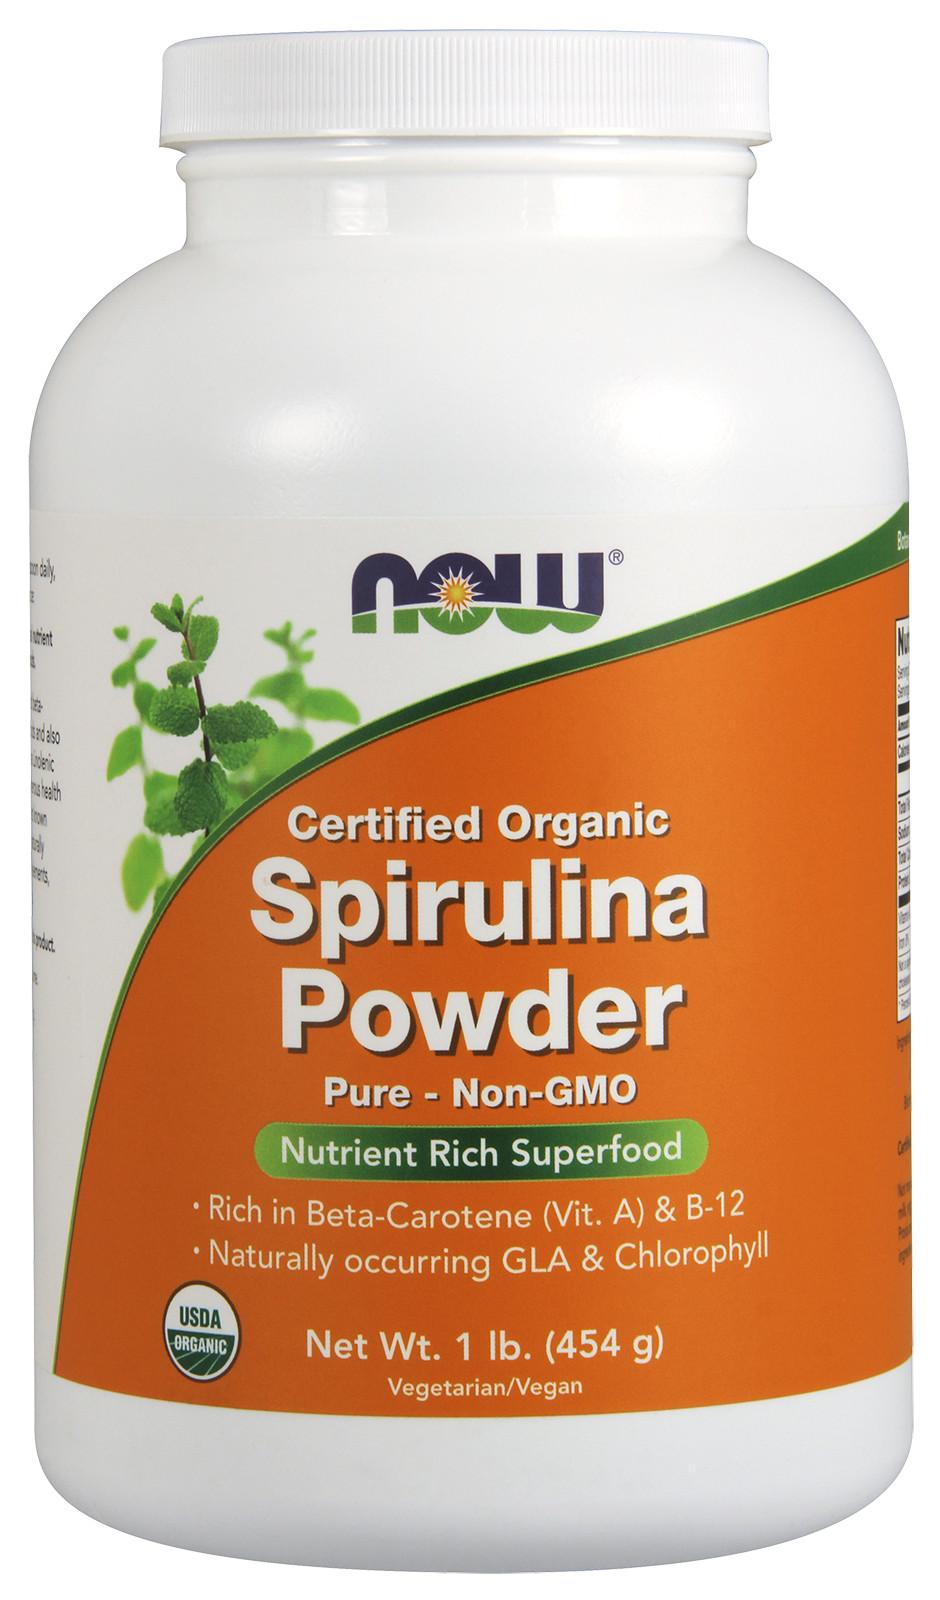 Spirulina Certified Organic, Powder - 454g versandkostenfrei/portofrei bestellen/kaufen